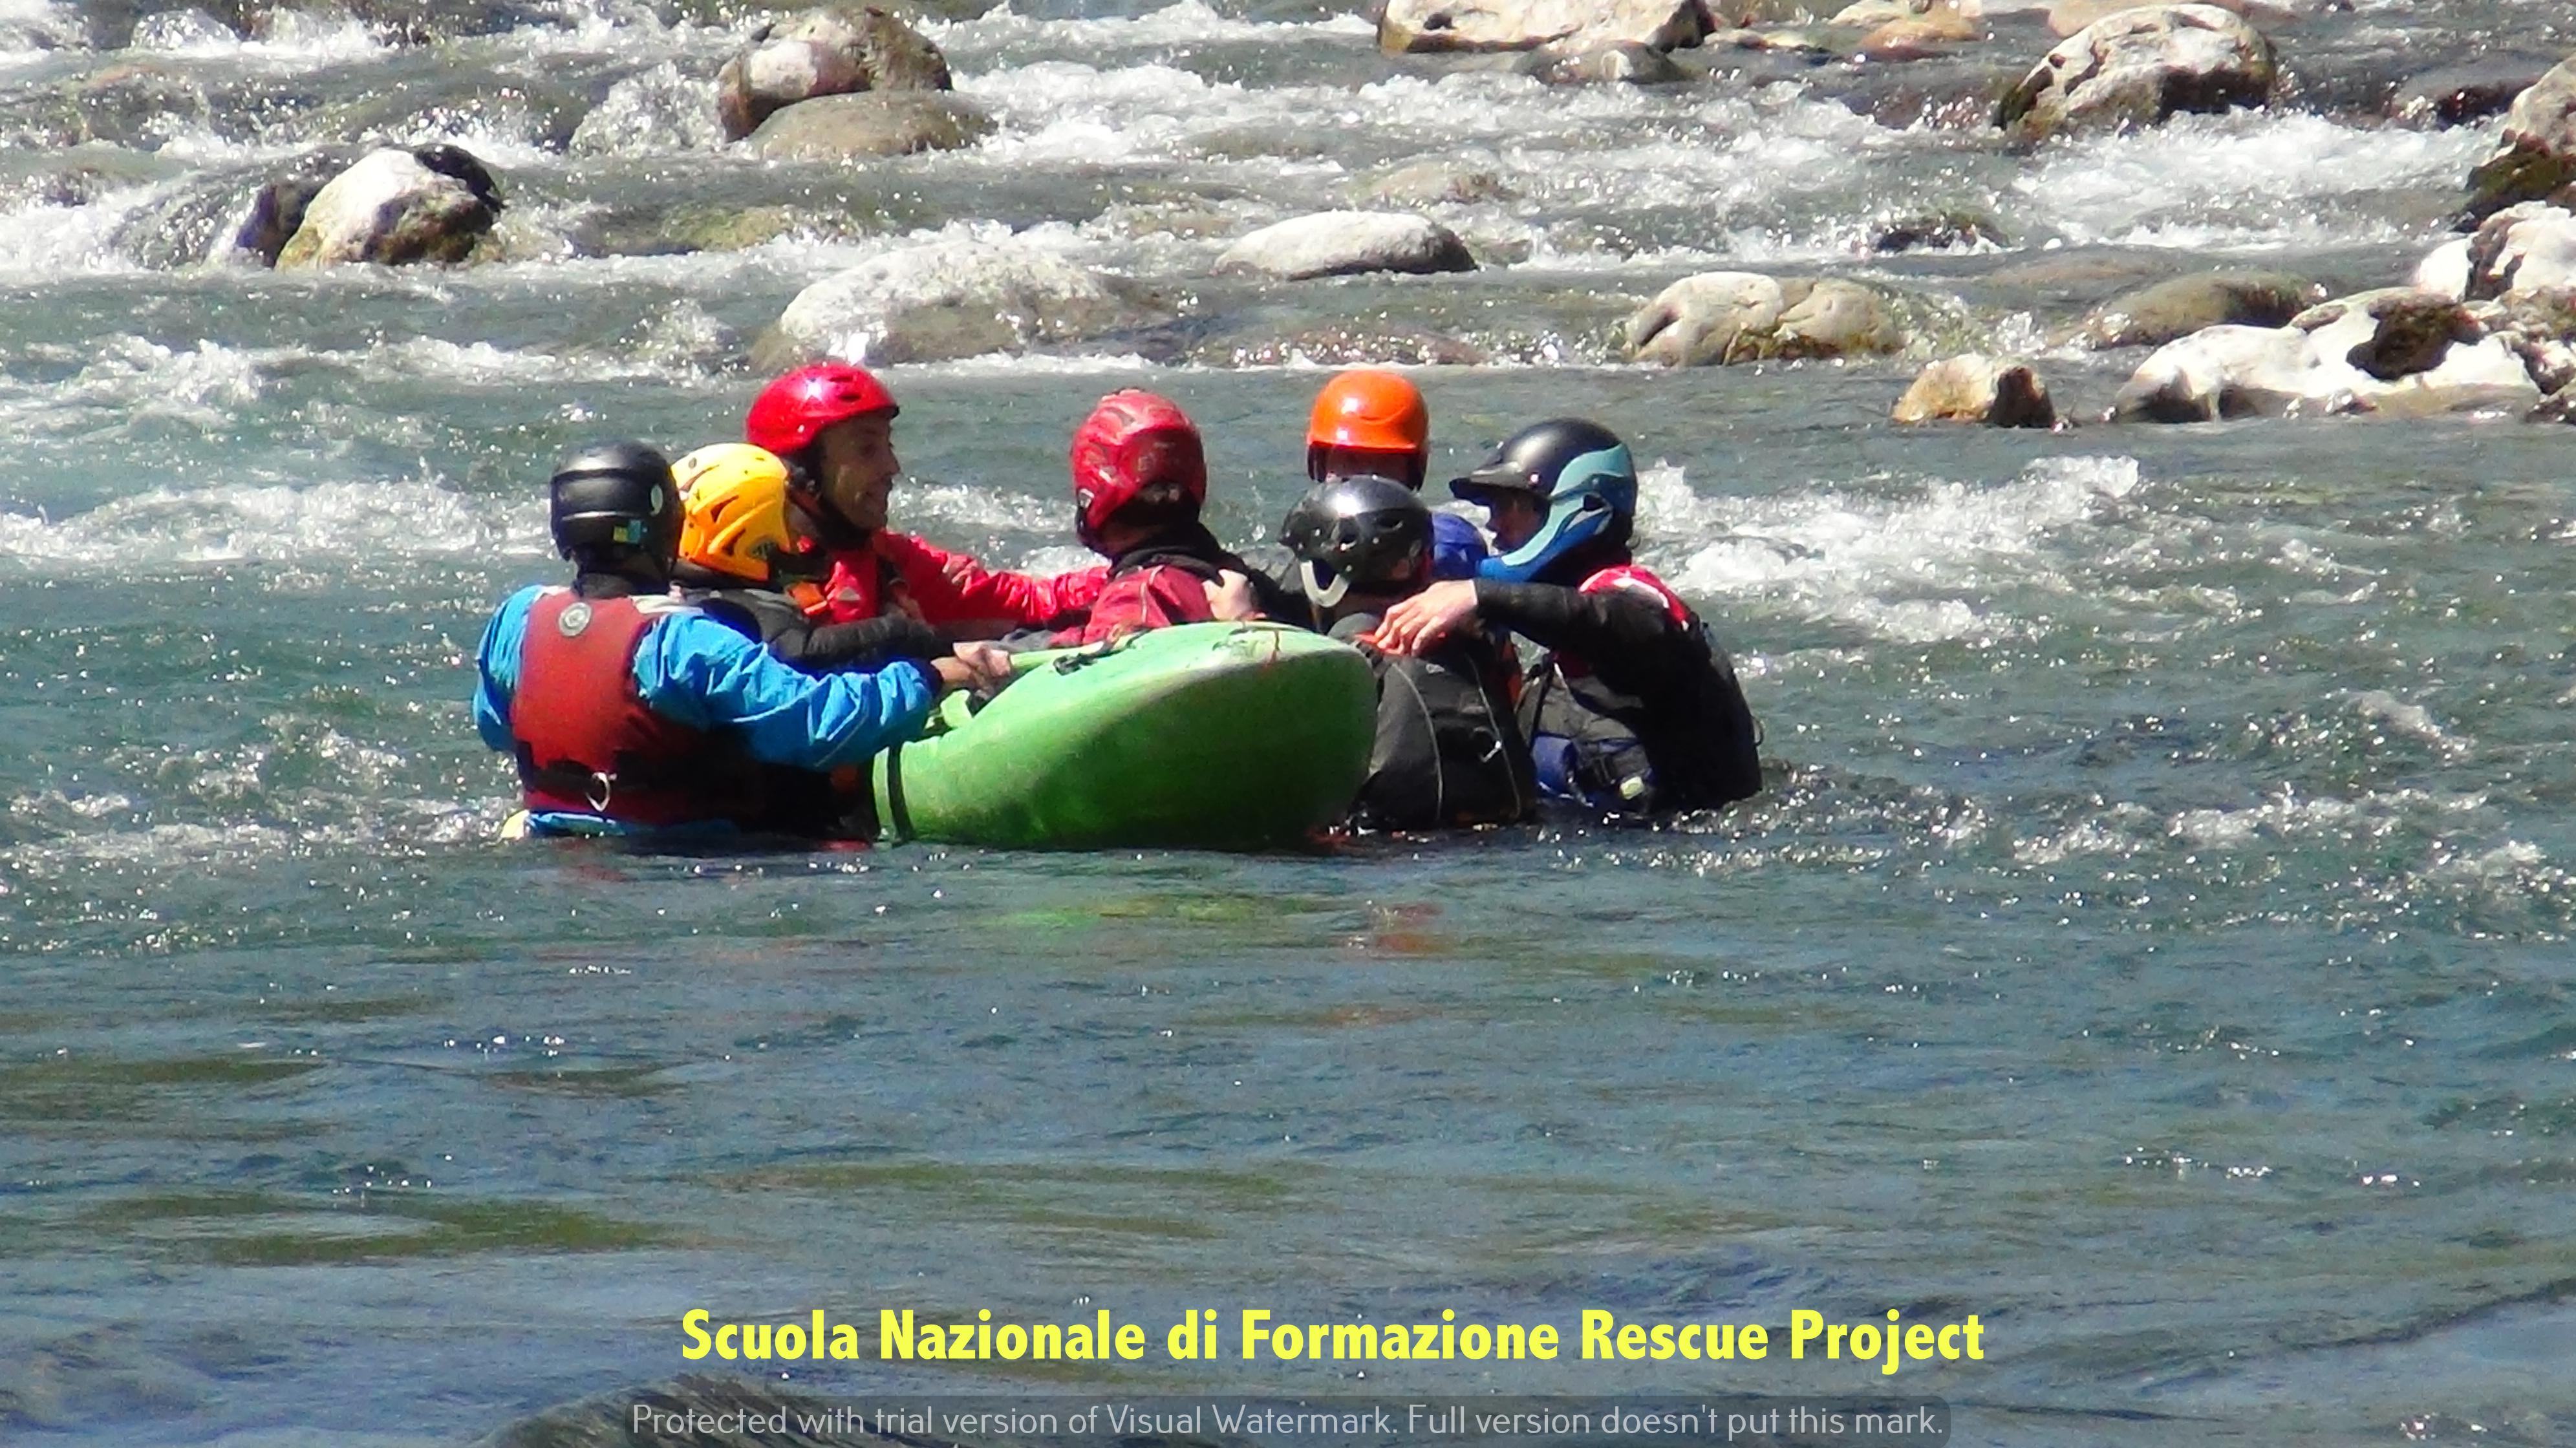 Scuola Nazionale di Formazione  Rescue Project143